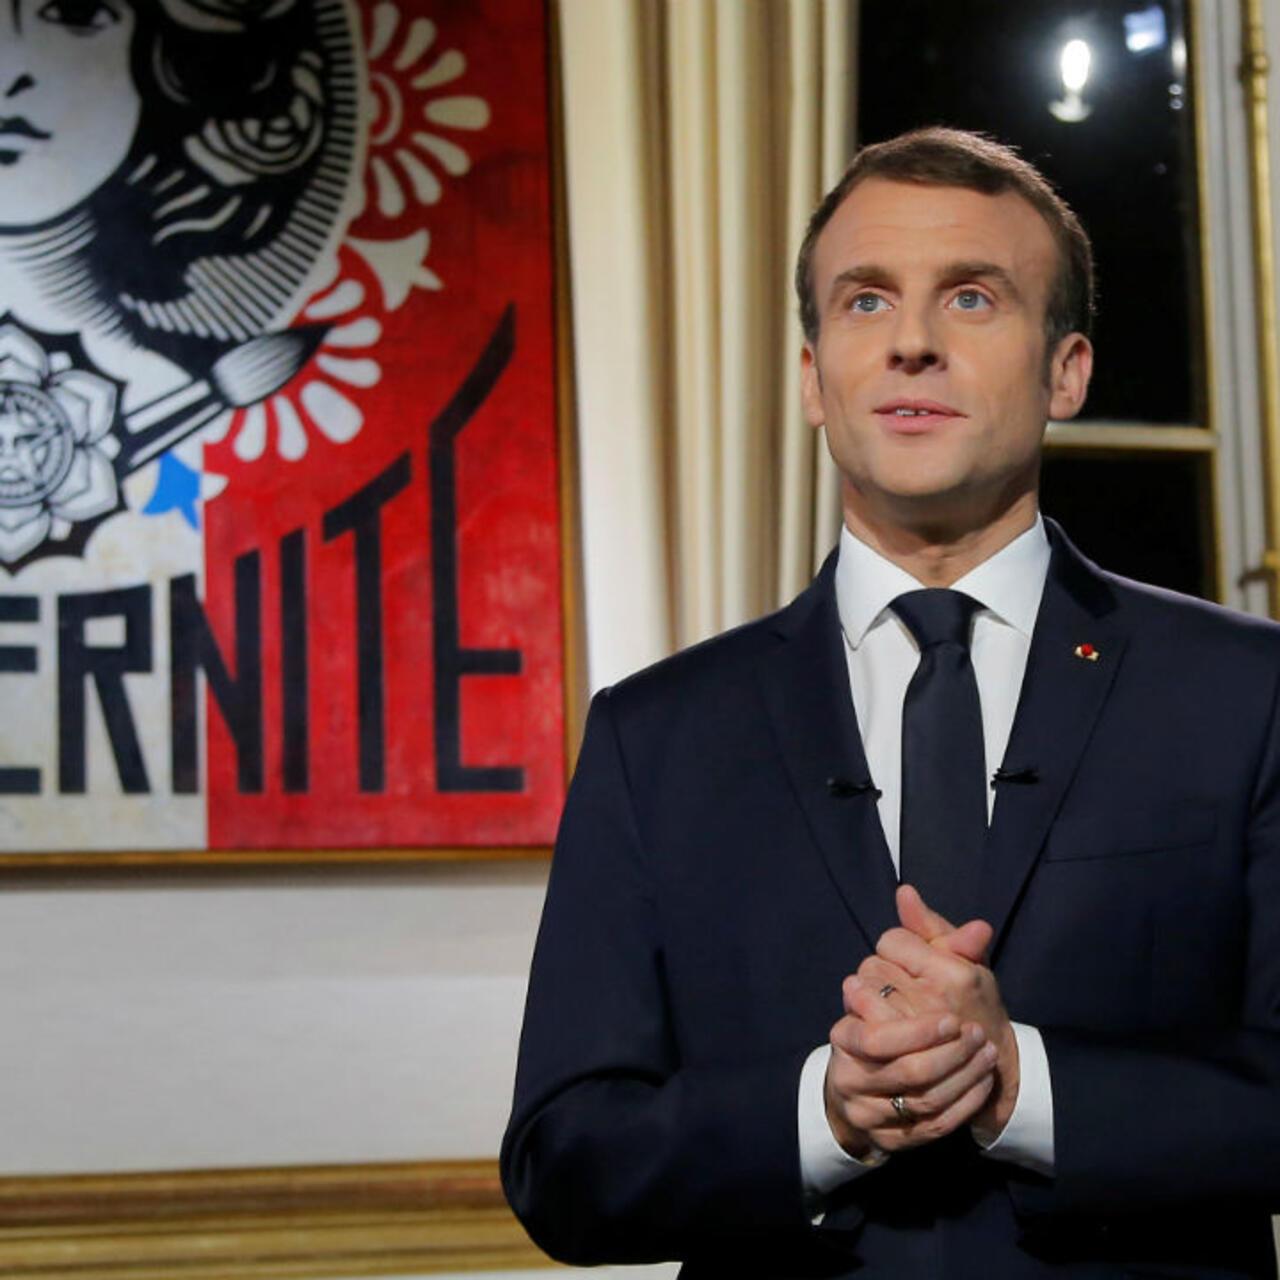 Vœux Presidentiels Emmanuel Macron Peine A Convaincre L Opposition